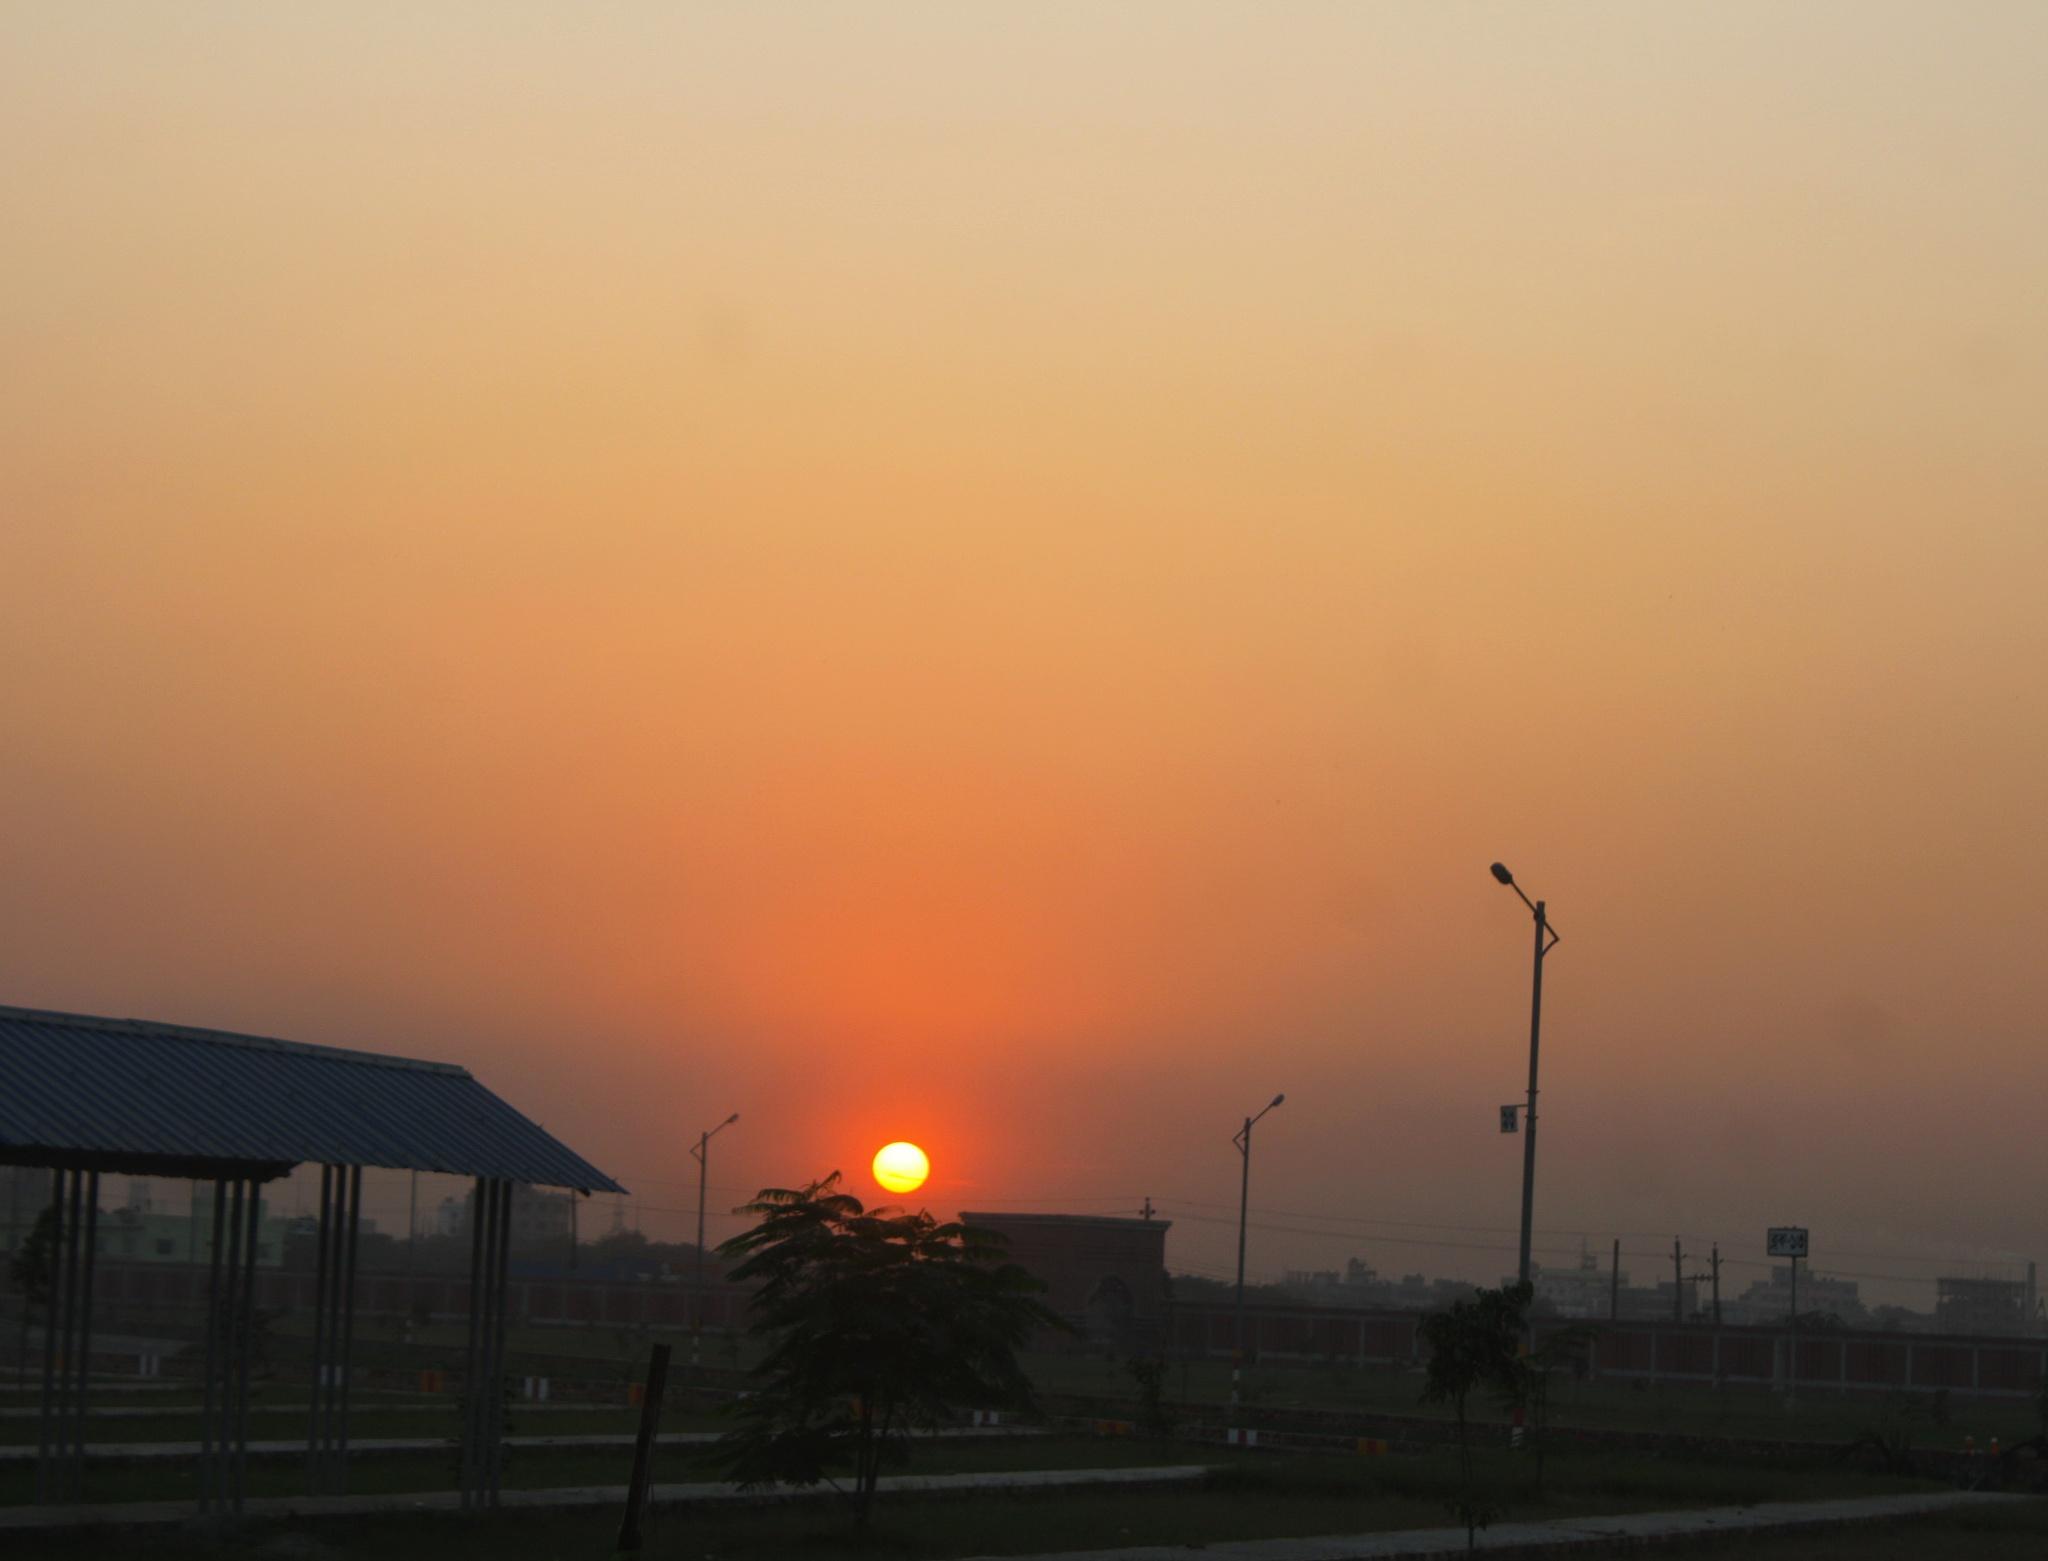 Sun Set Scene by ShyamalKBanik